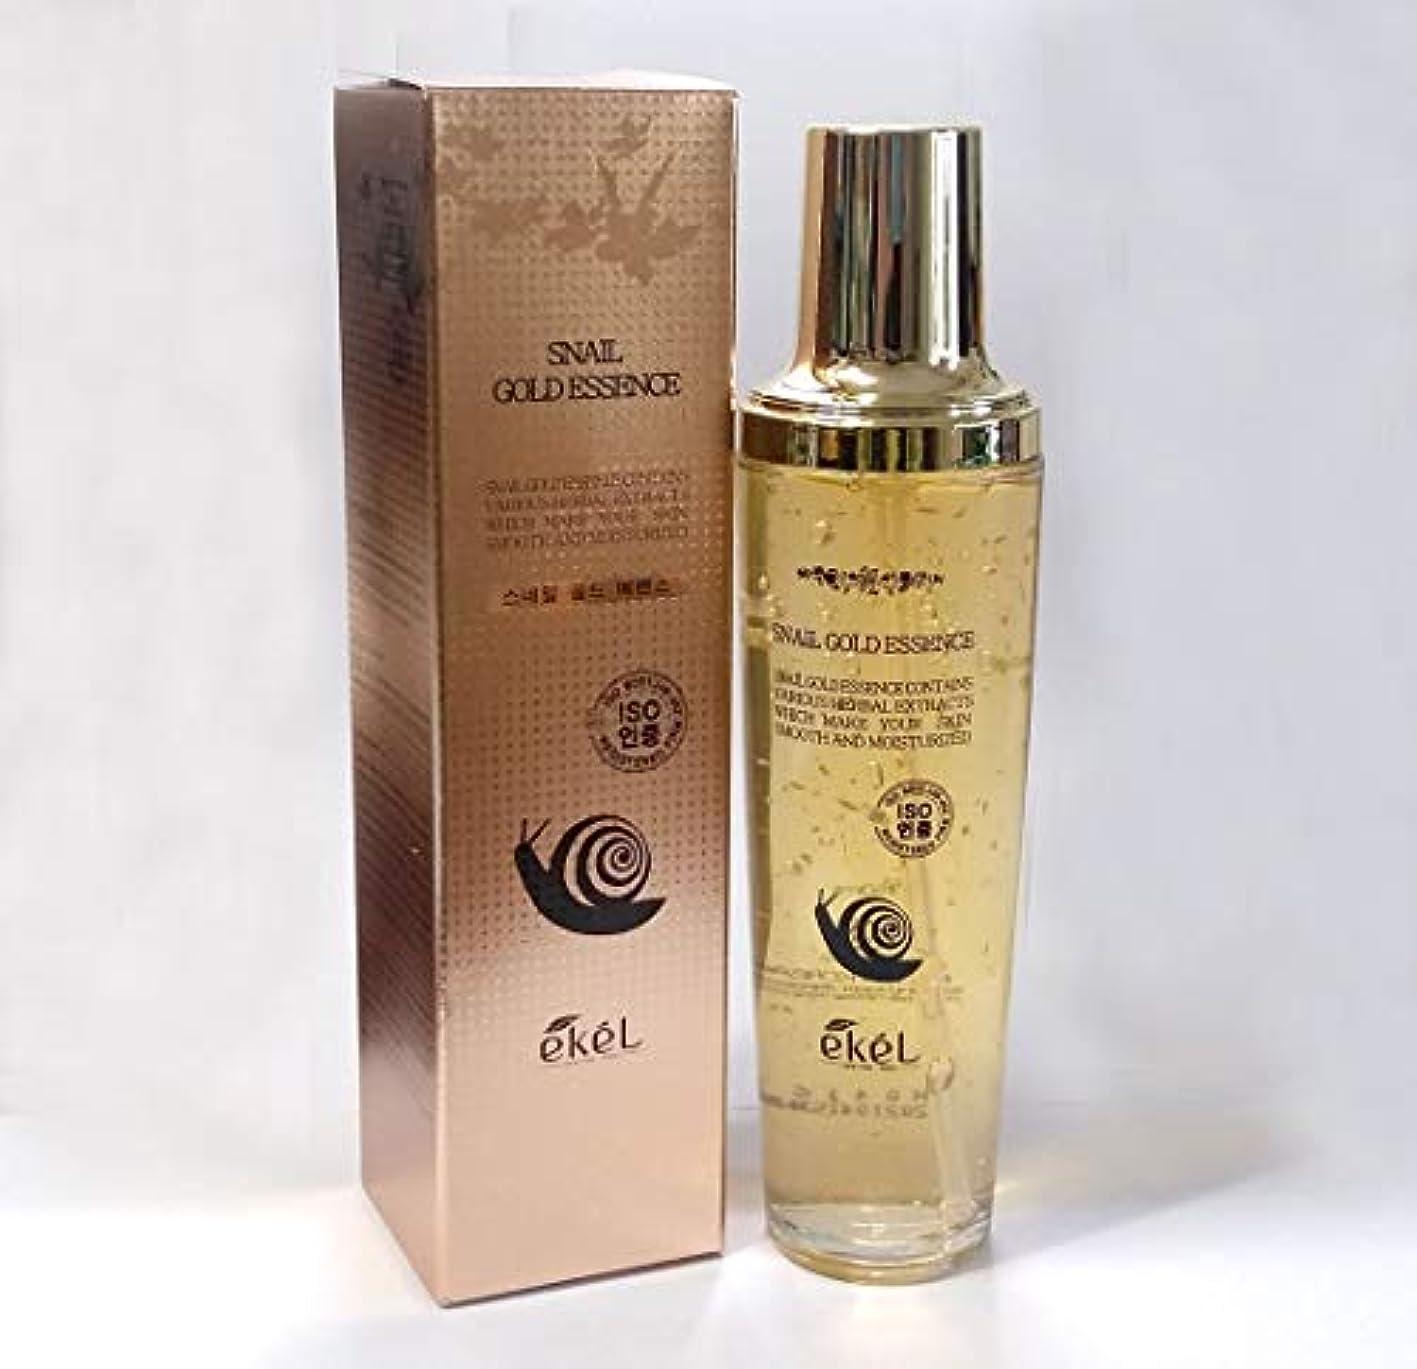 深遠隔離口述[EKEL] ゴールドエッセンス150ml /ハーブエキス/スムーズ&モイスチャライド/韓国化粧品 / Gold Essence 150ml / Herbal Extracts / Smooth & Moisturized...